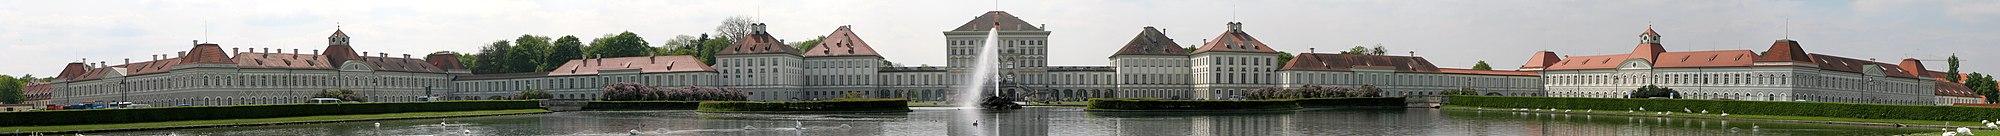 Panorámakép a Nymphenburgi kastélyról